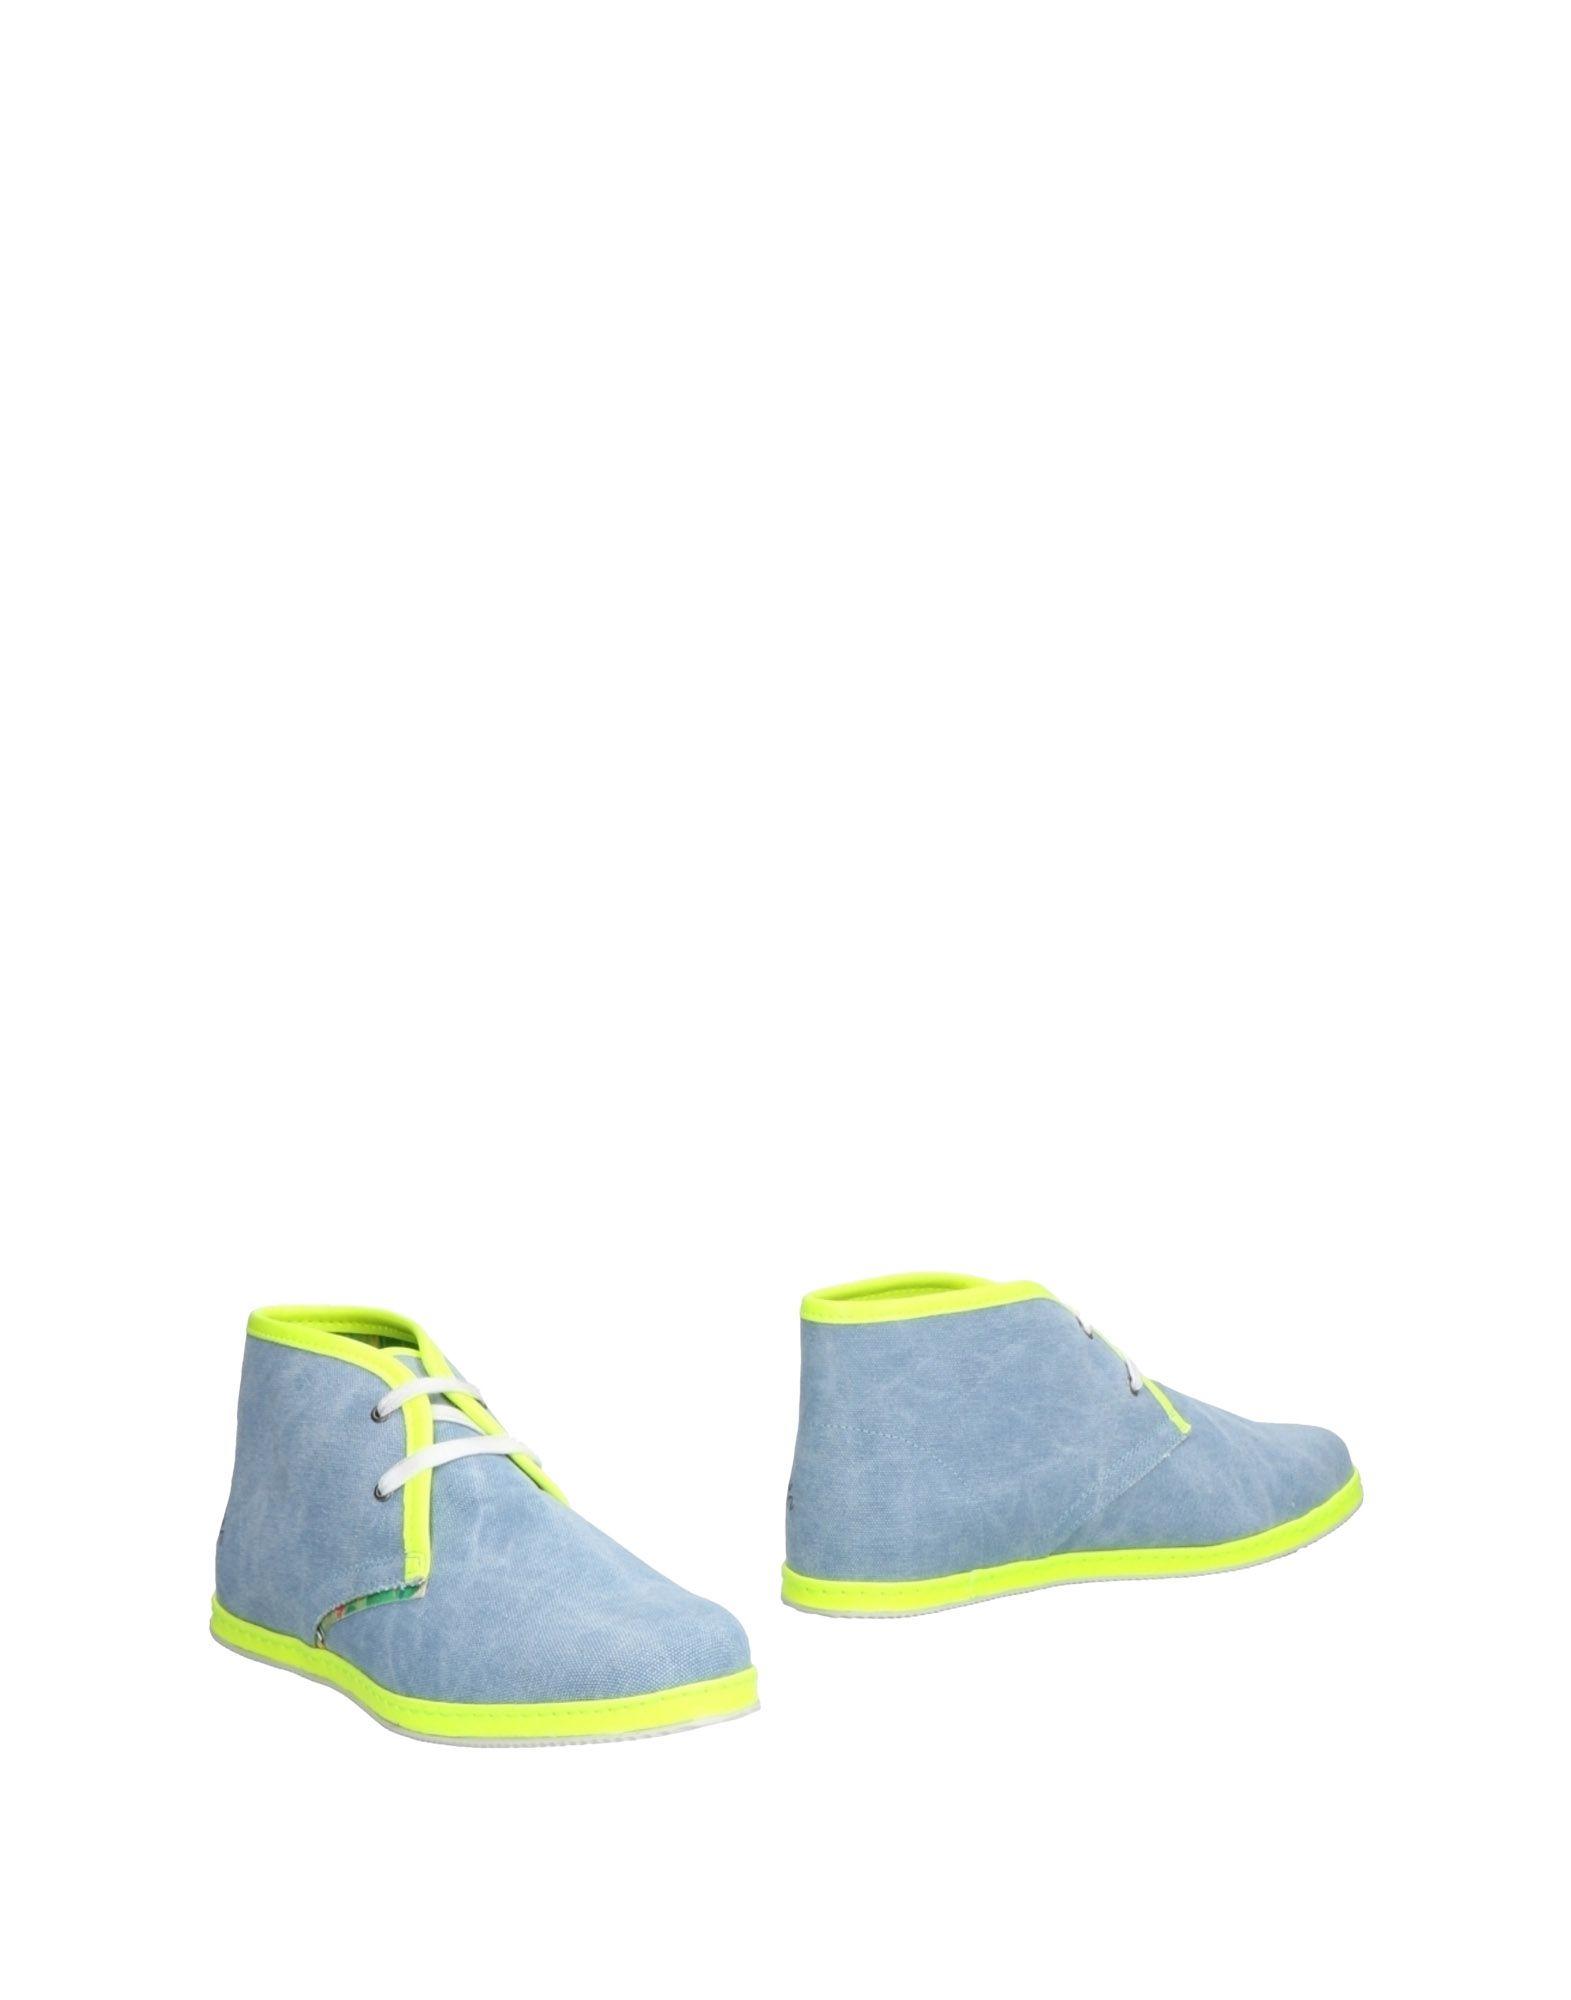 Le Le Le Crown Stiefelette Damen  11468439HN Gute Qualität beliebte Schuhe 0f49e9